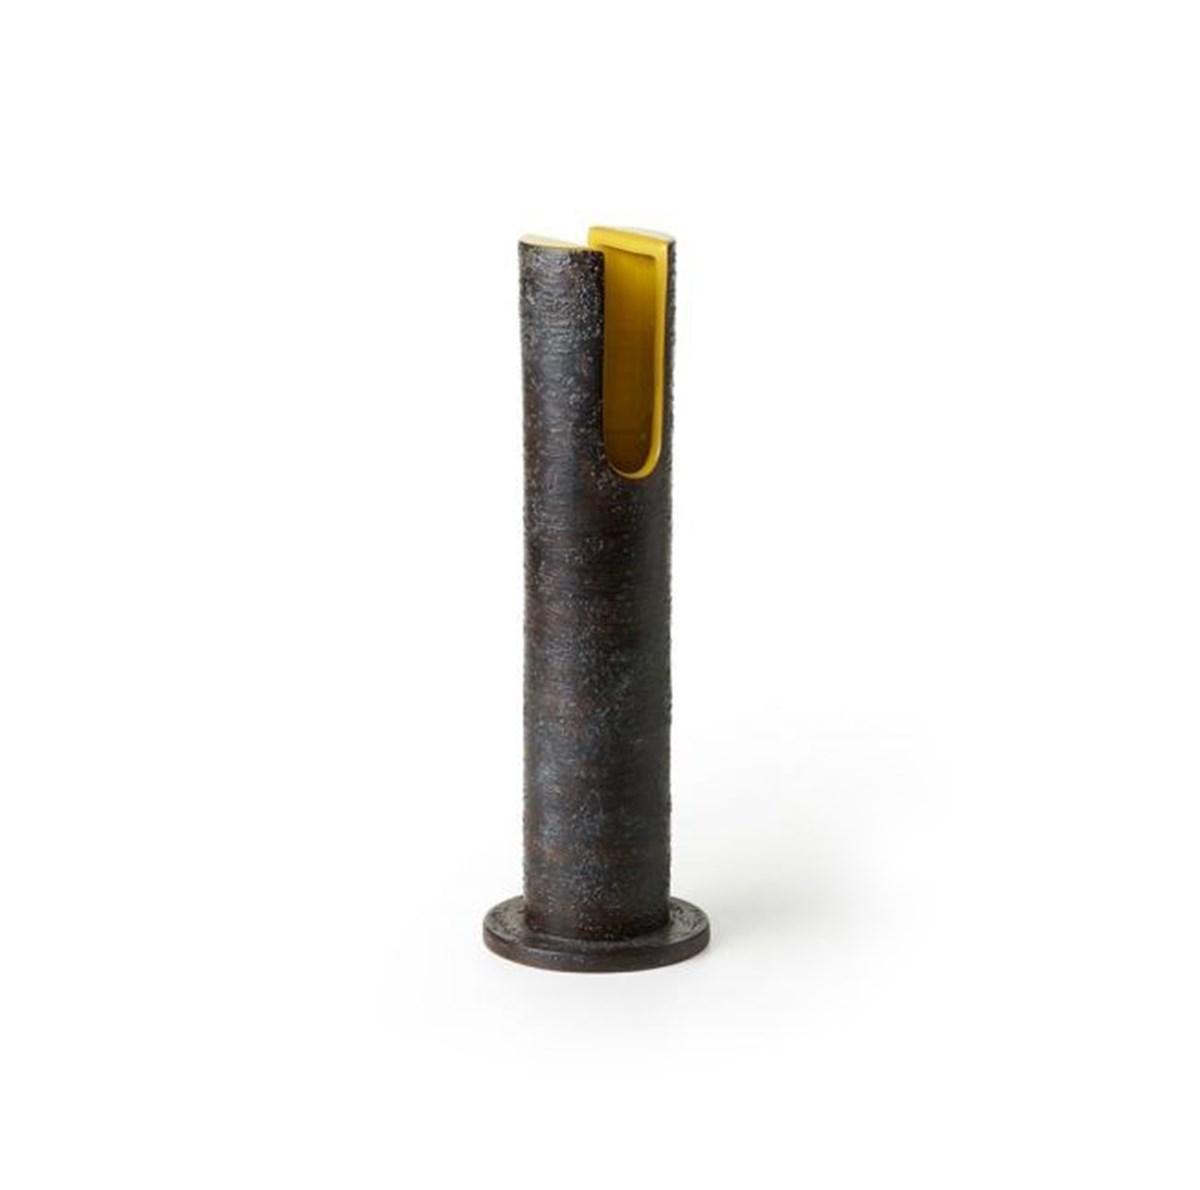 Bitossi-Riedizioni-Archivio-Storico-Vase-INV-2465-Matisse-1